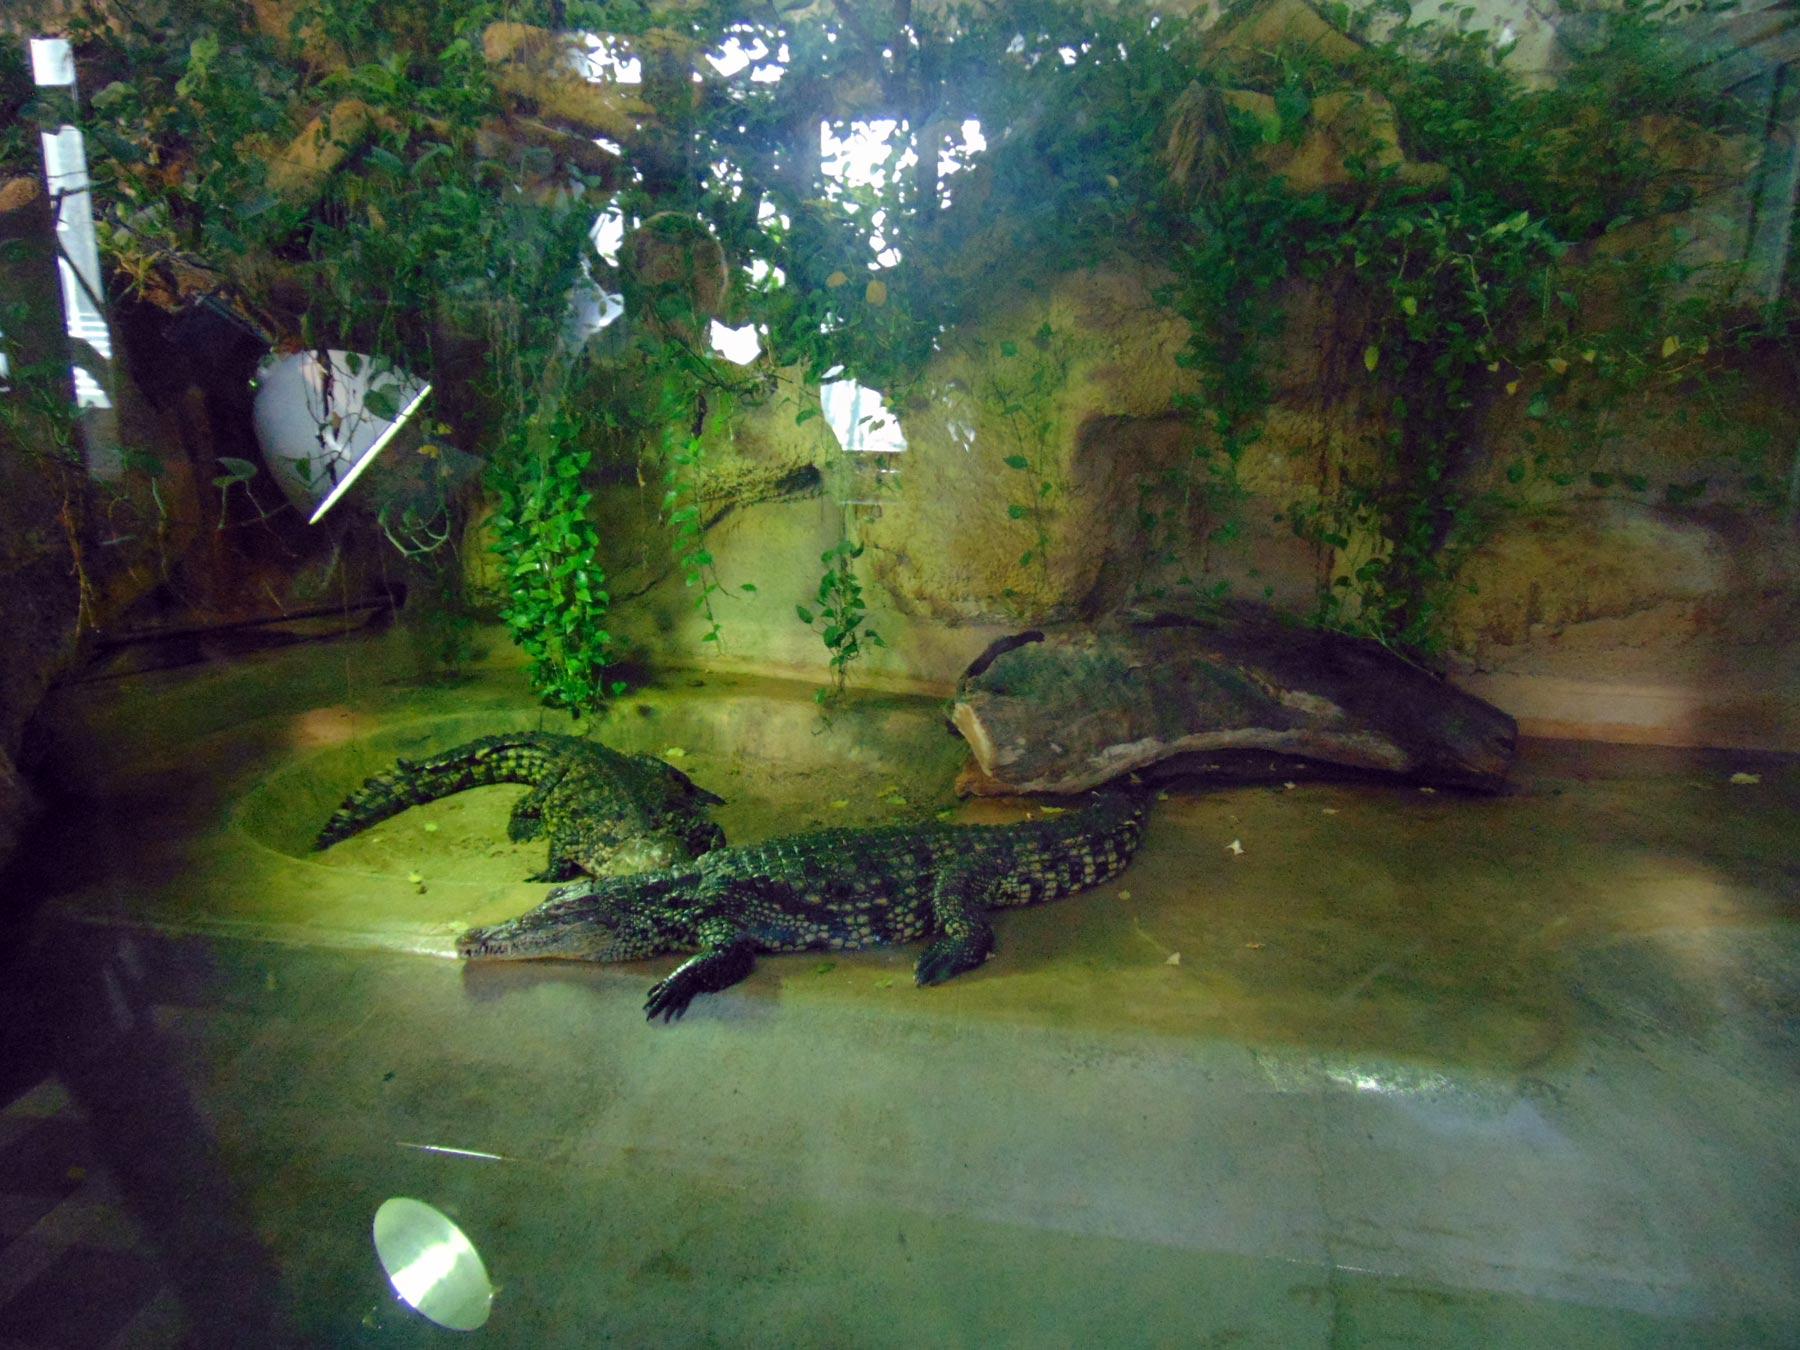 крокодилы в зоопарке при ботаническом саде